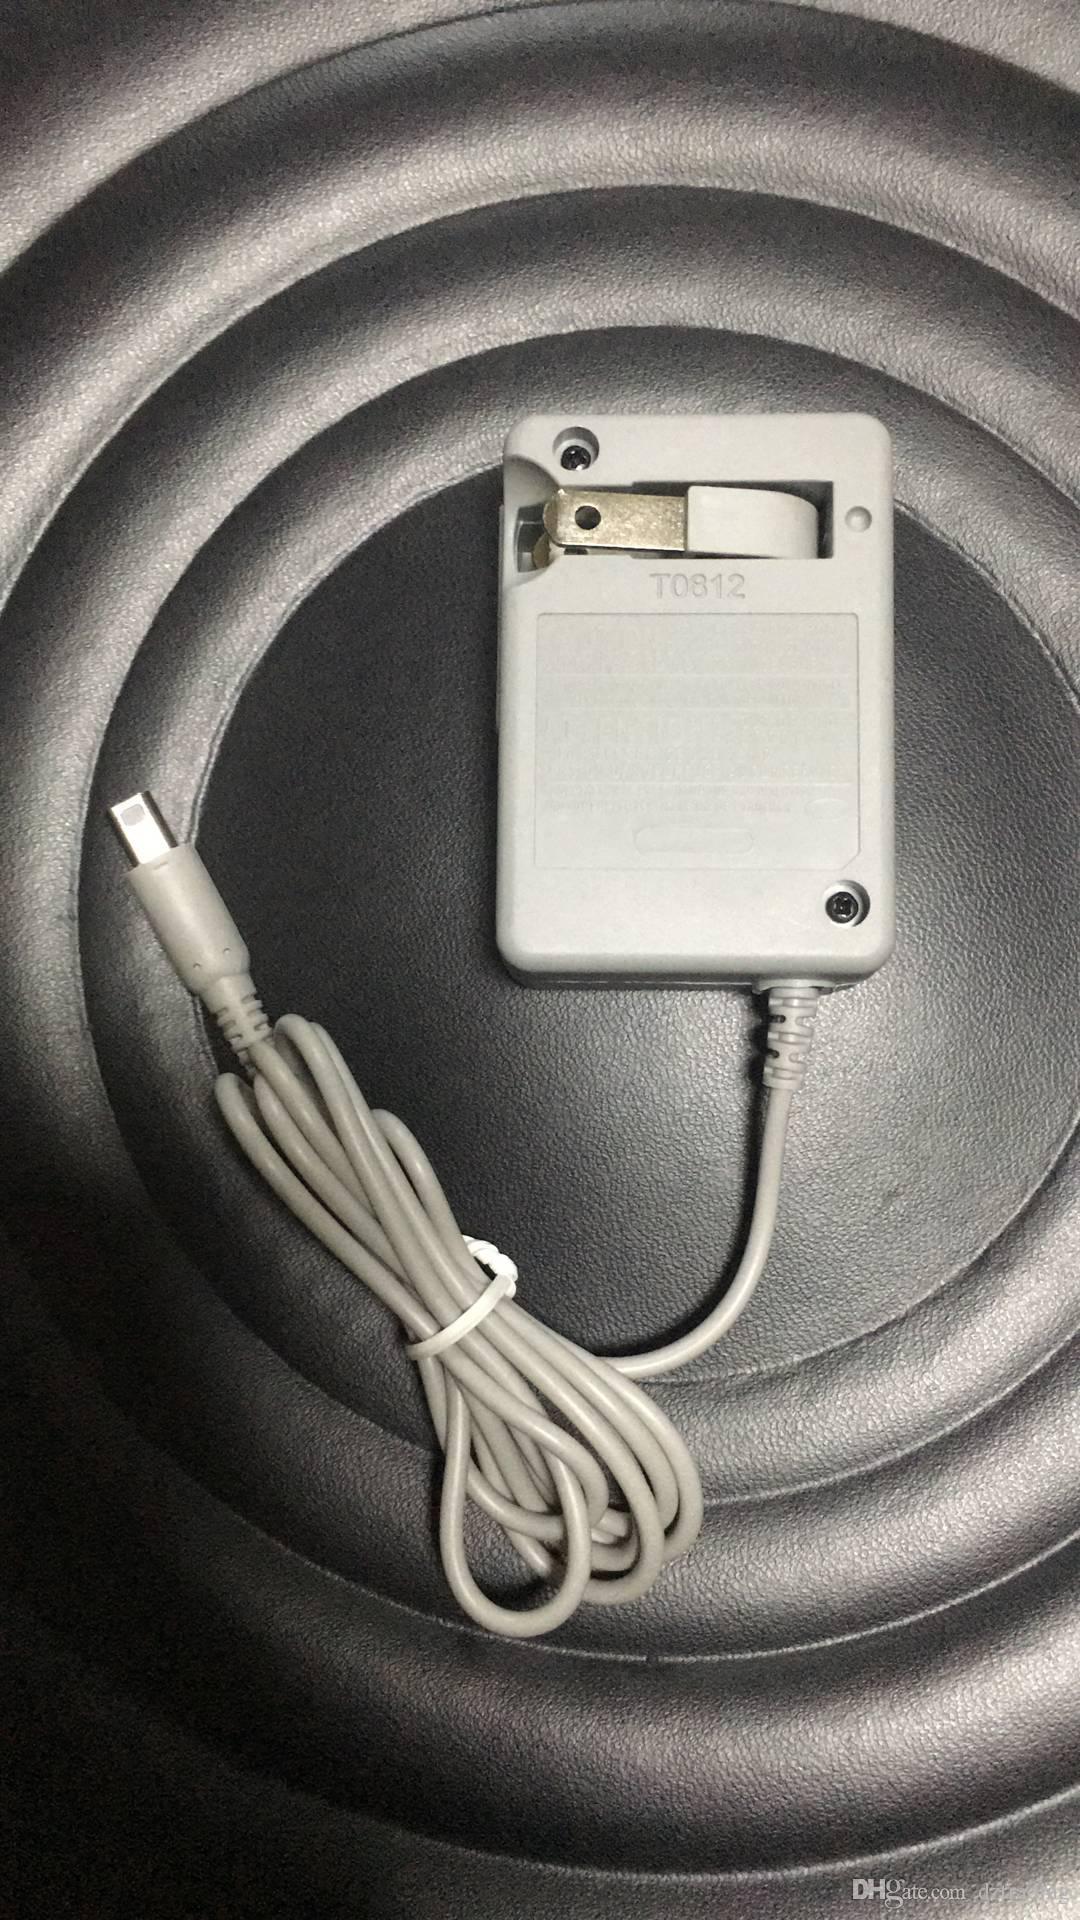 Adaptador de Carregador De Energia AC Casa Parede Carregador de Bateria de Viagem Carregador de Cabo De Alimentação Para Nintendo 3DSDL NDSi 3DSXL LL Dsi